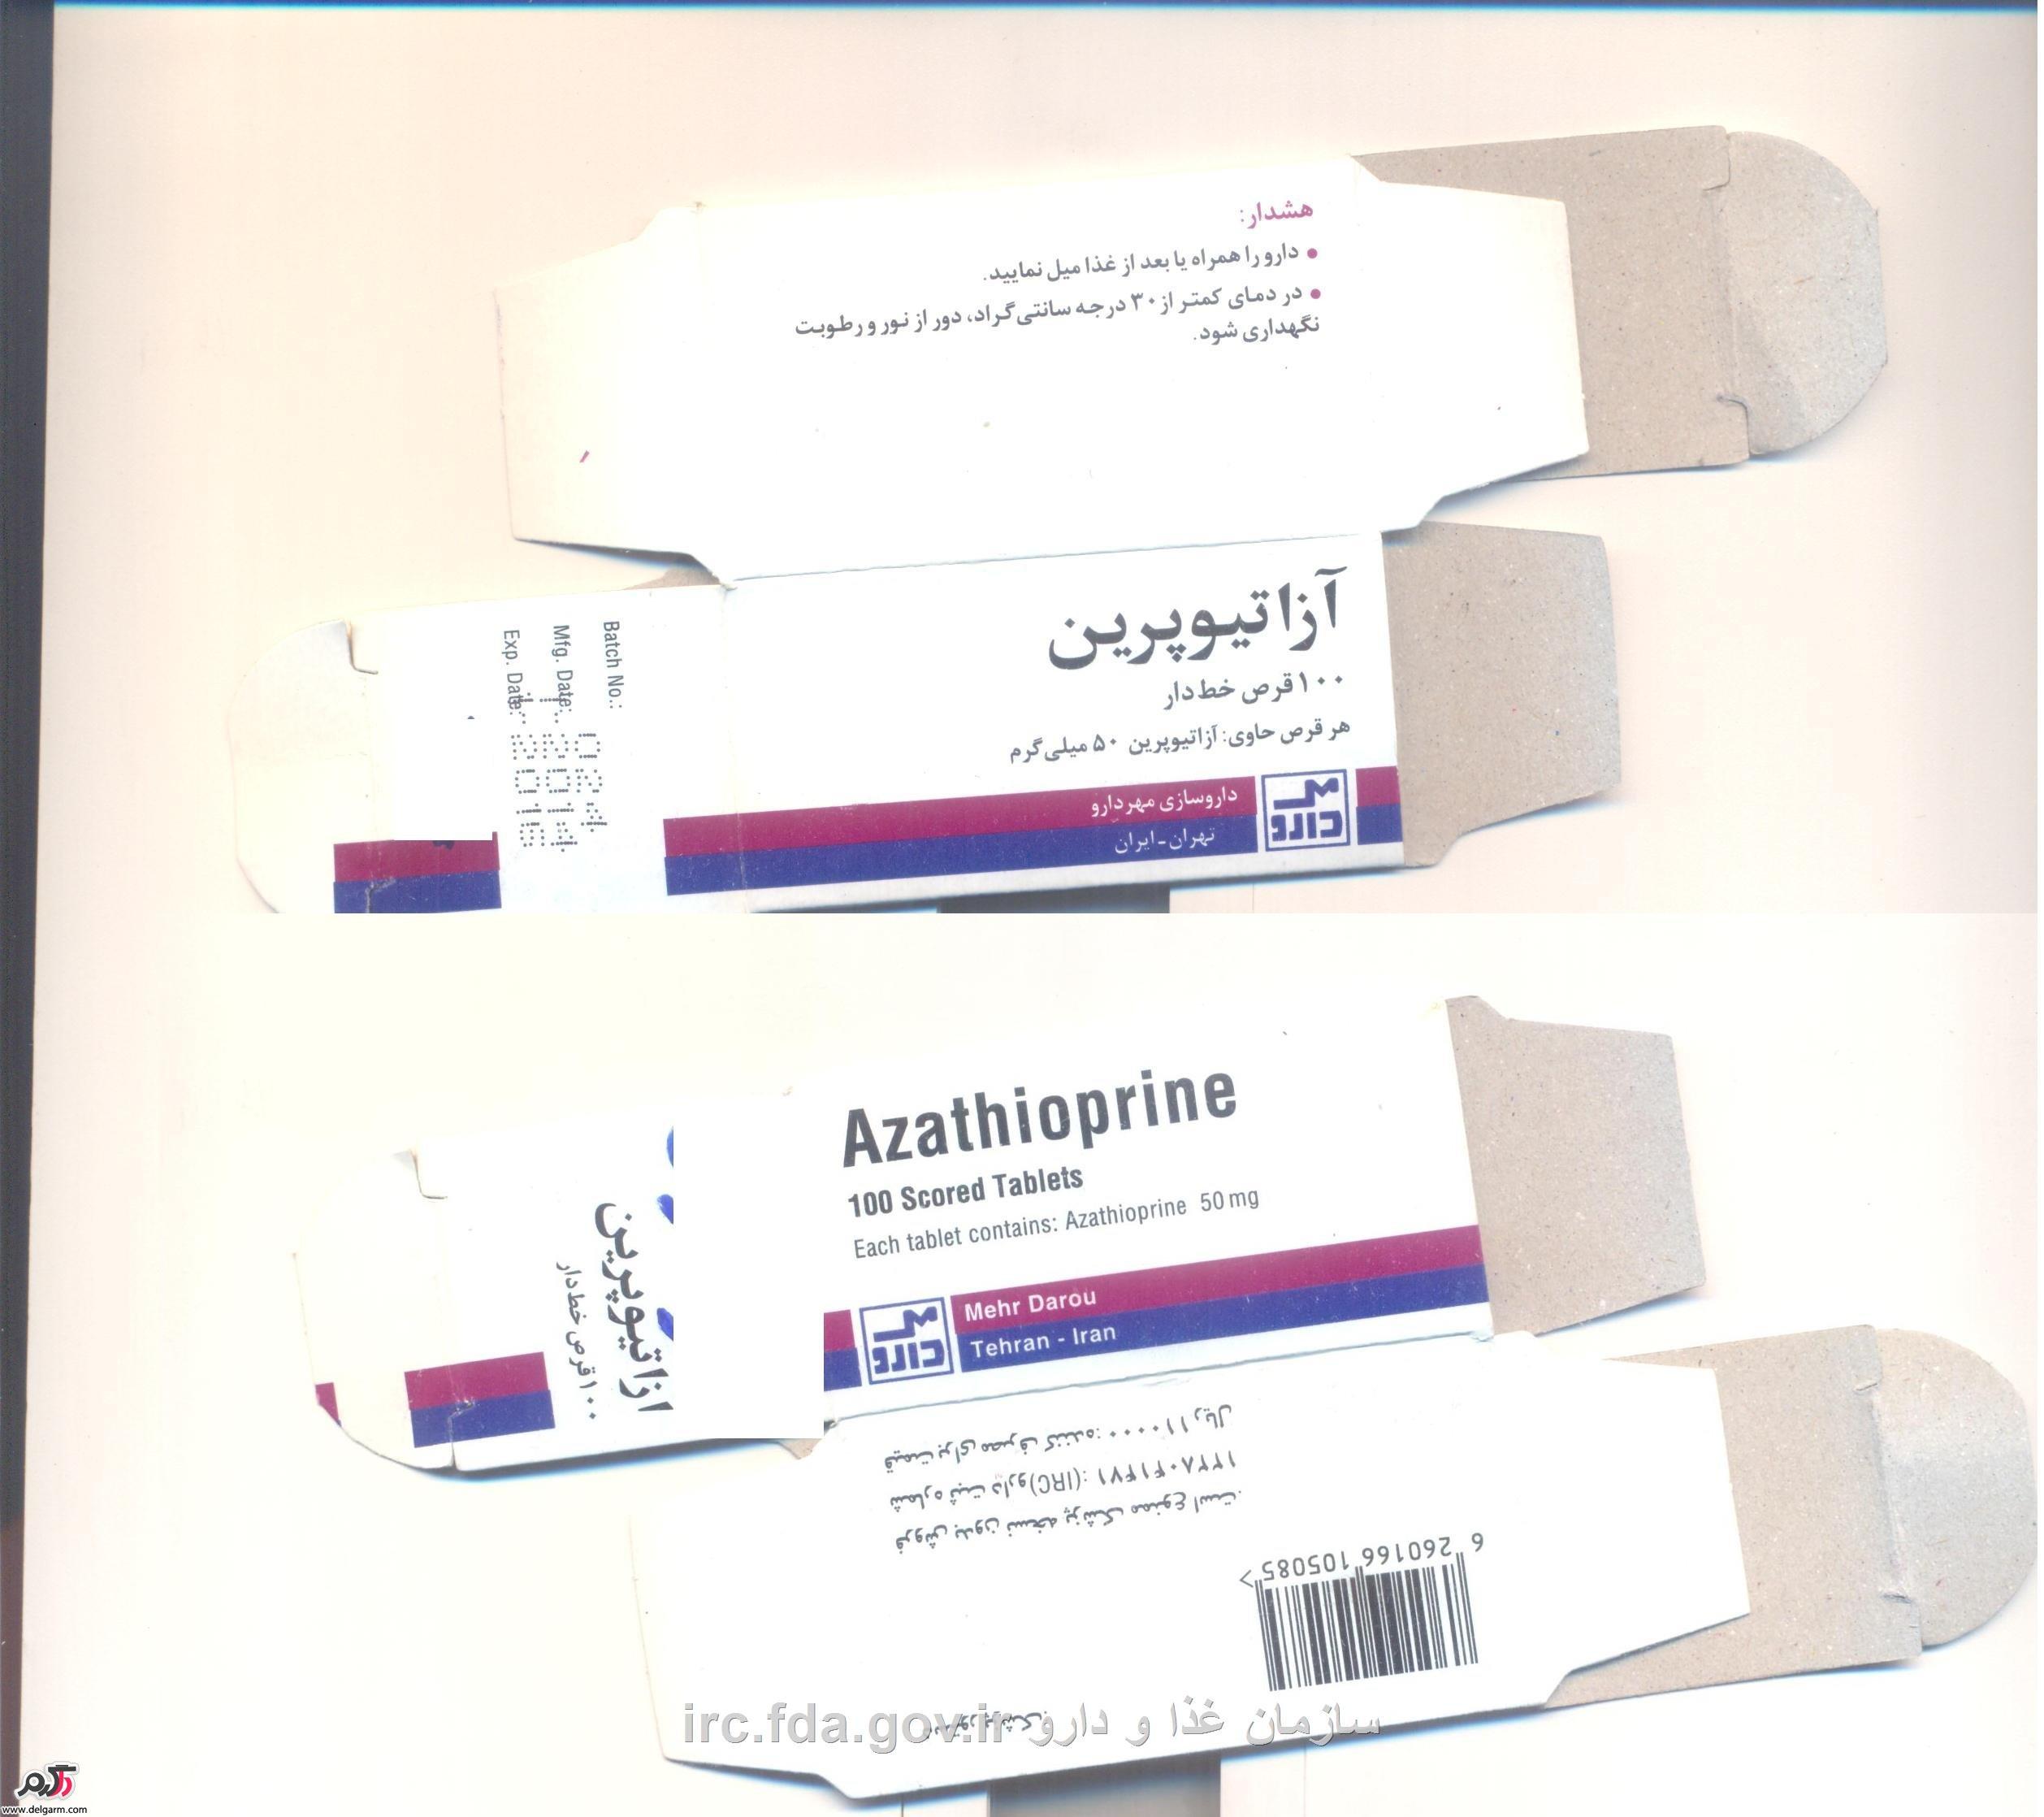 قرص آزاتیوپرین